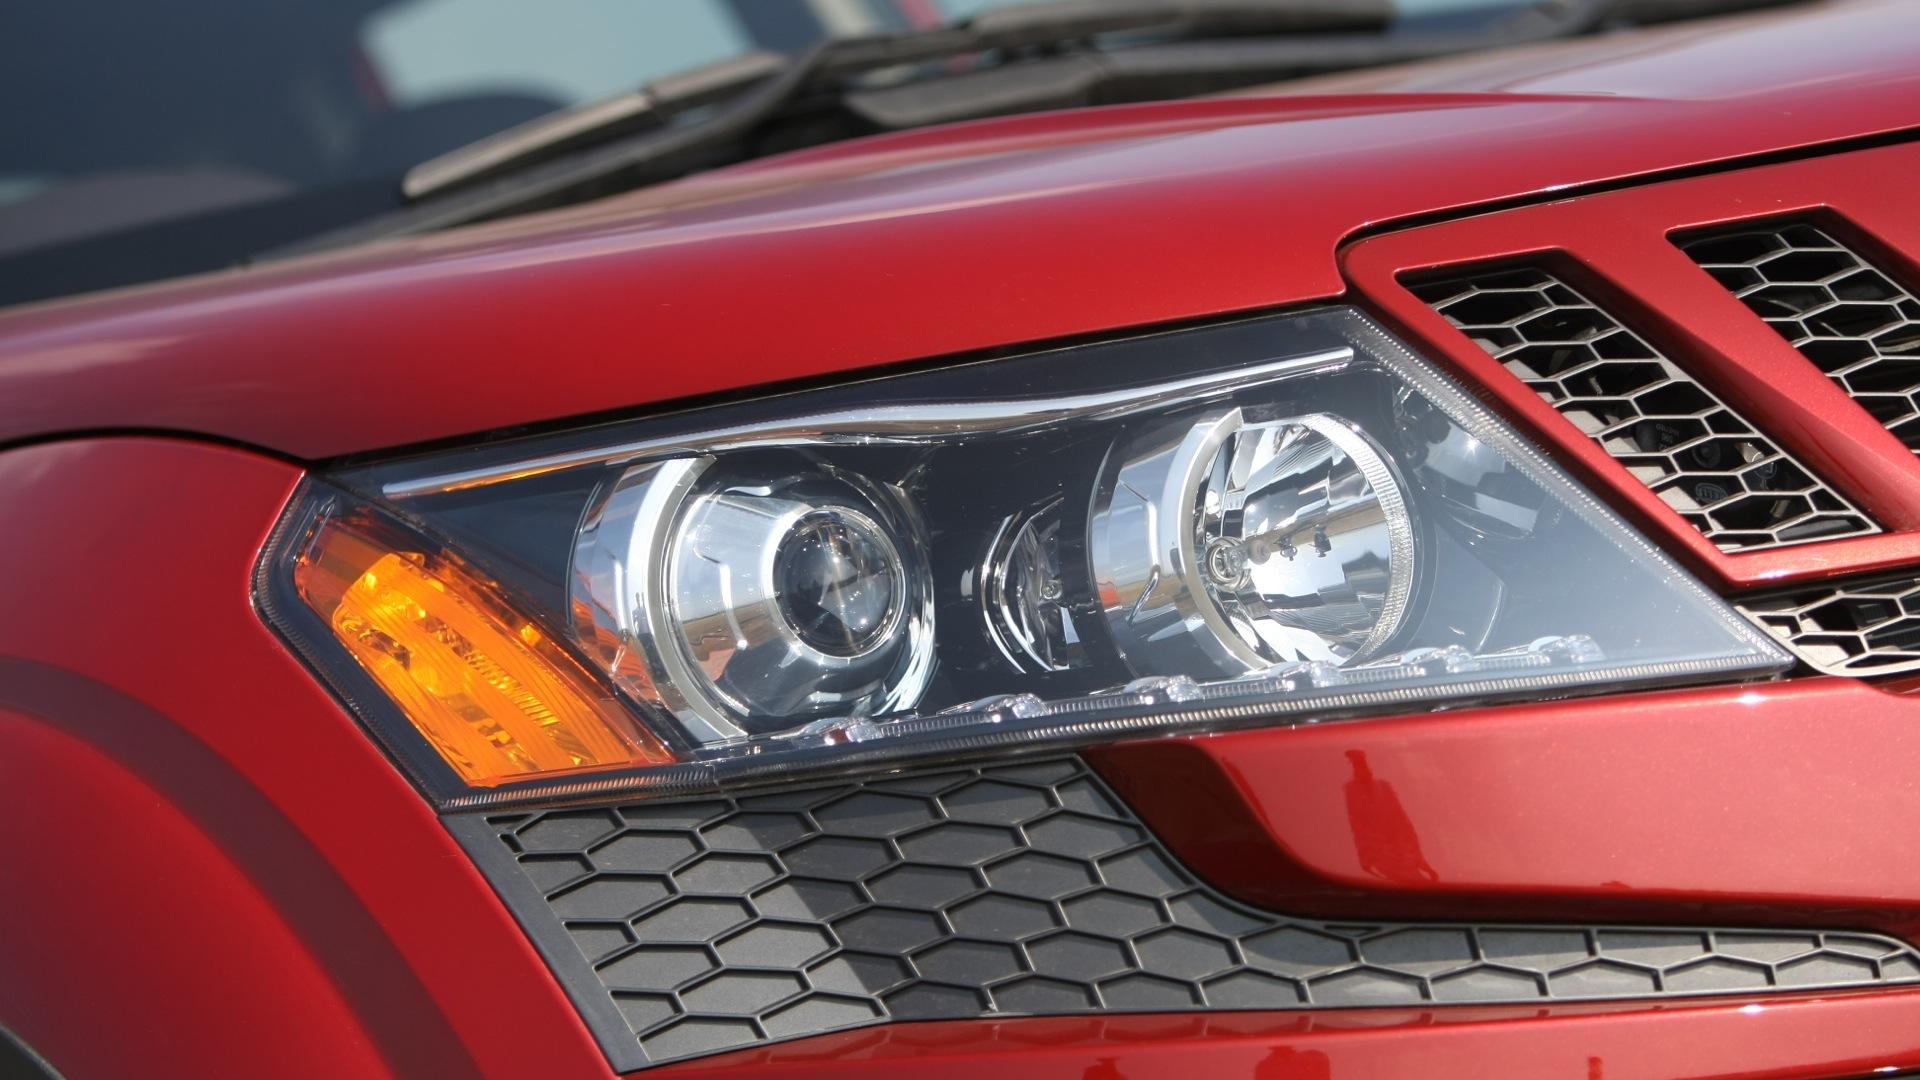 Mahindra-Xuv500-2013-W6-Exterior